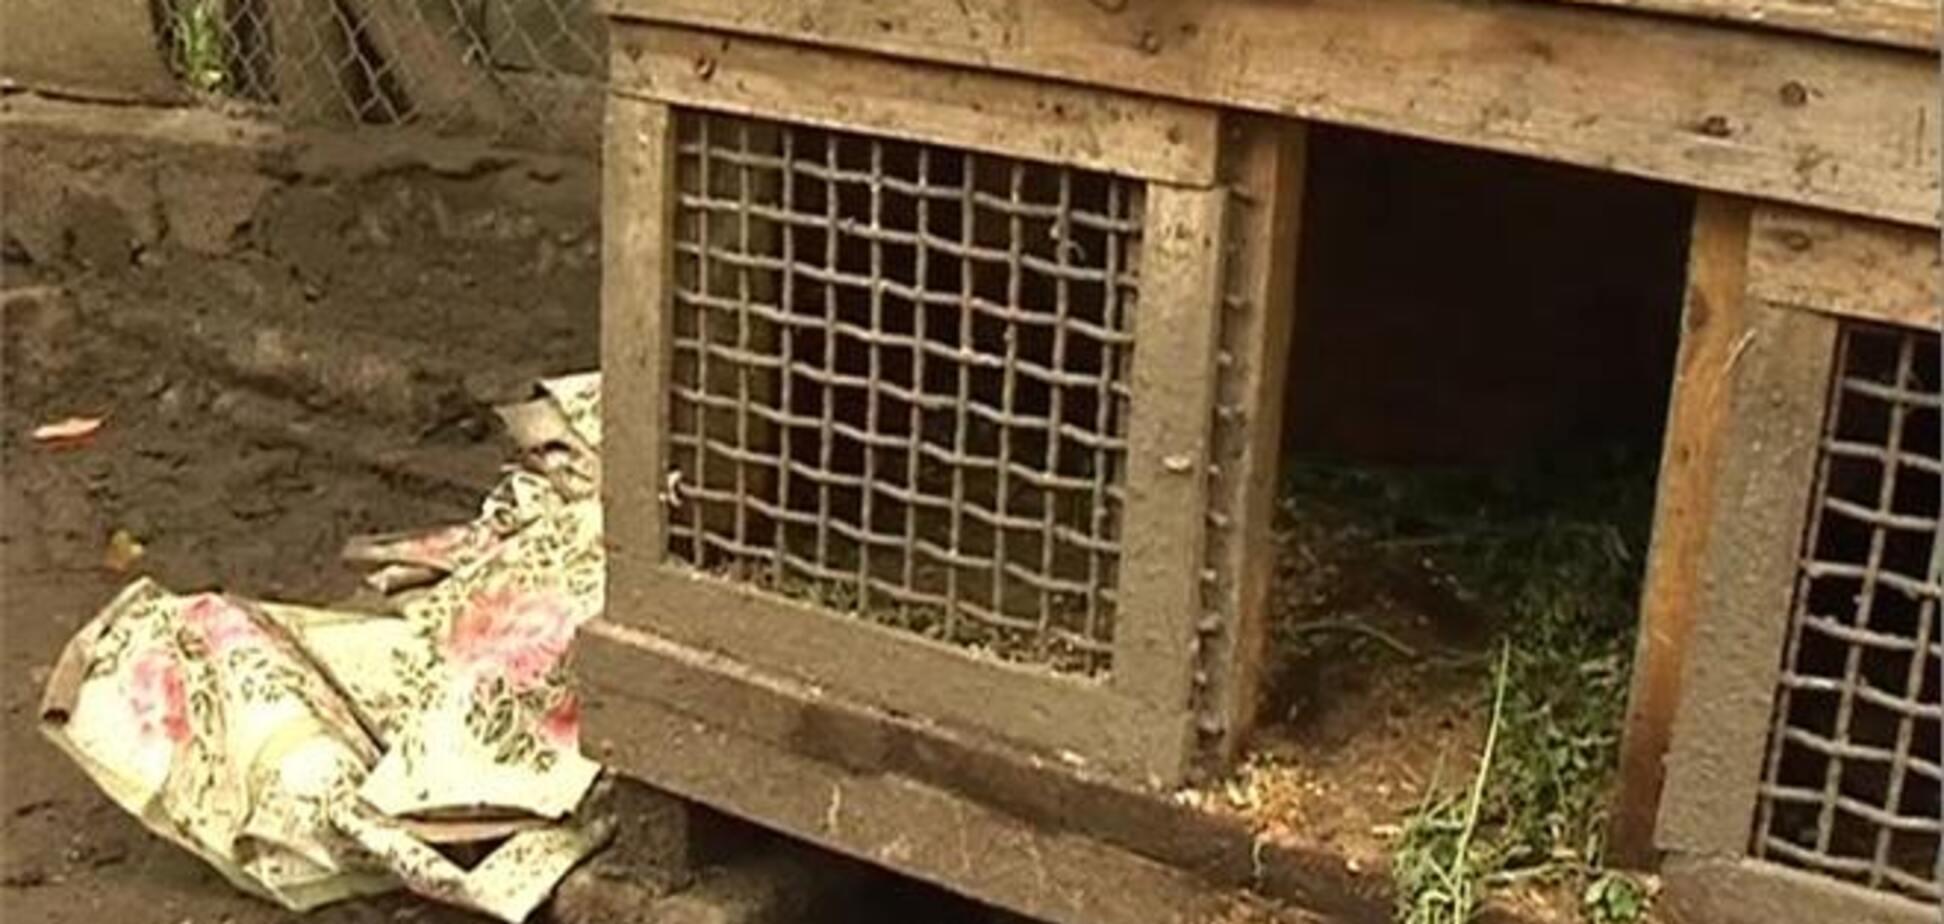 В Бердичеве чупакабра перепрыгнула через 2-метровый забор и убила кроликов